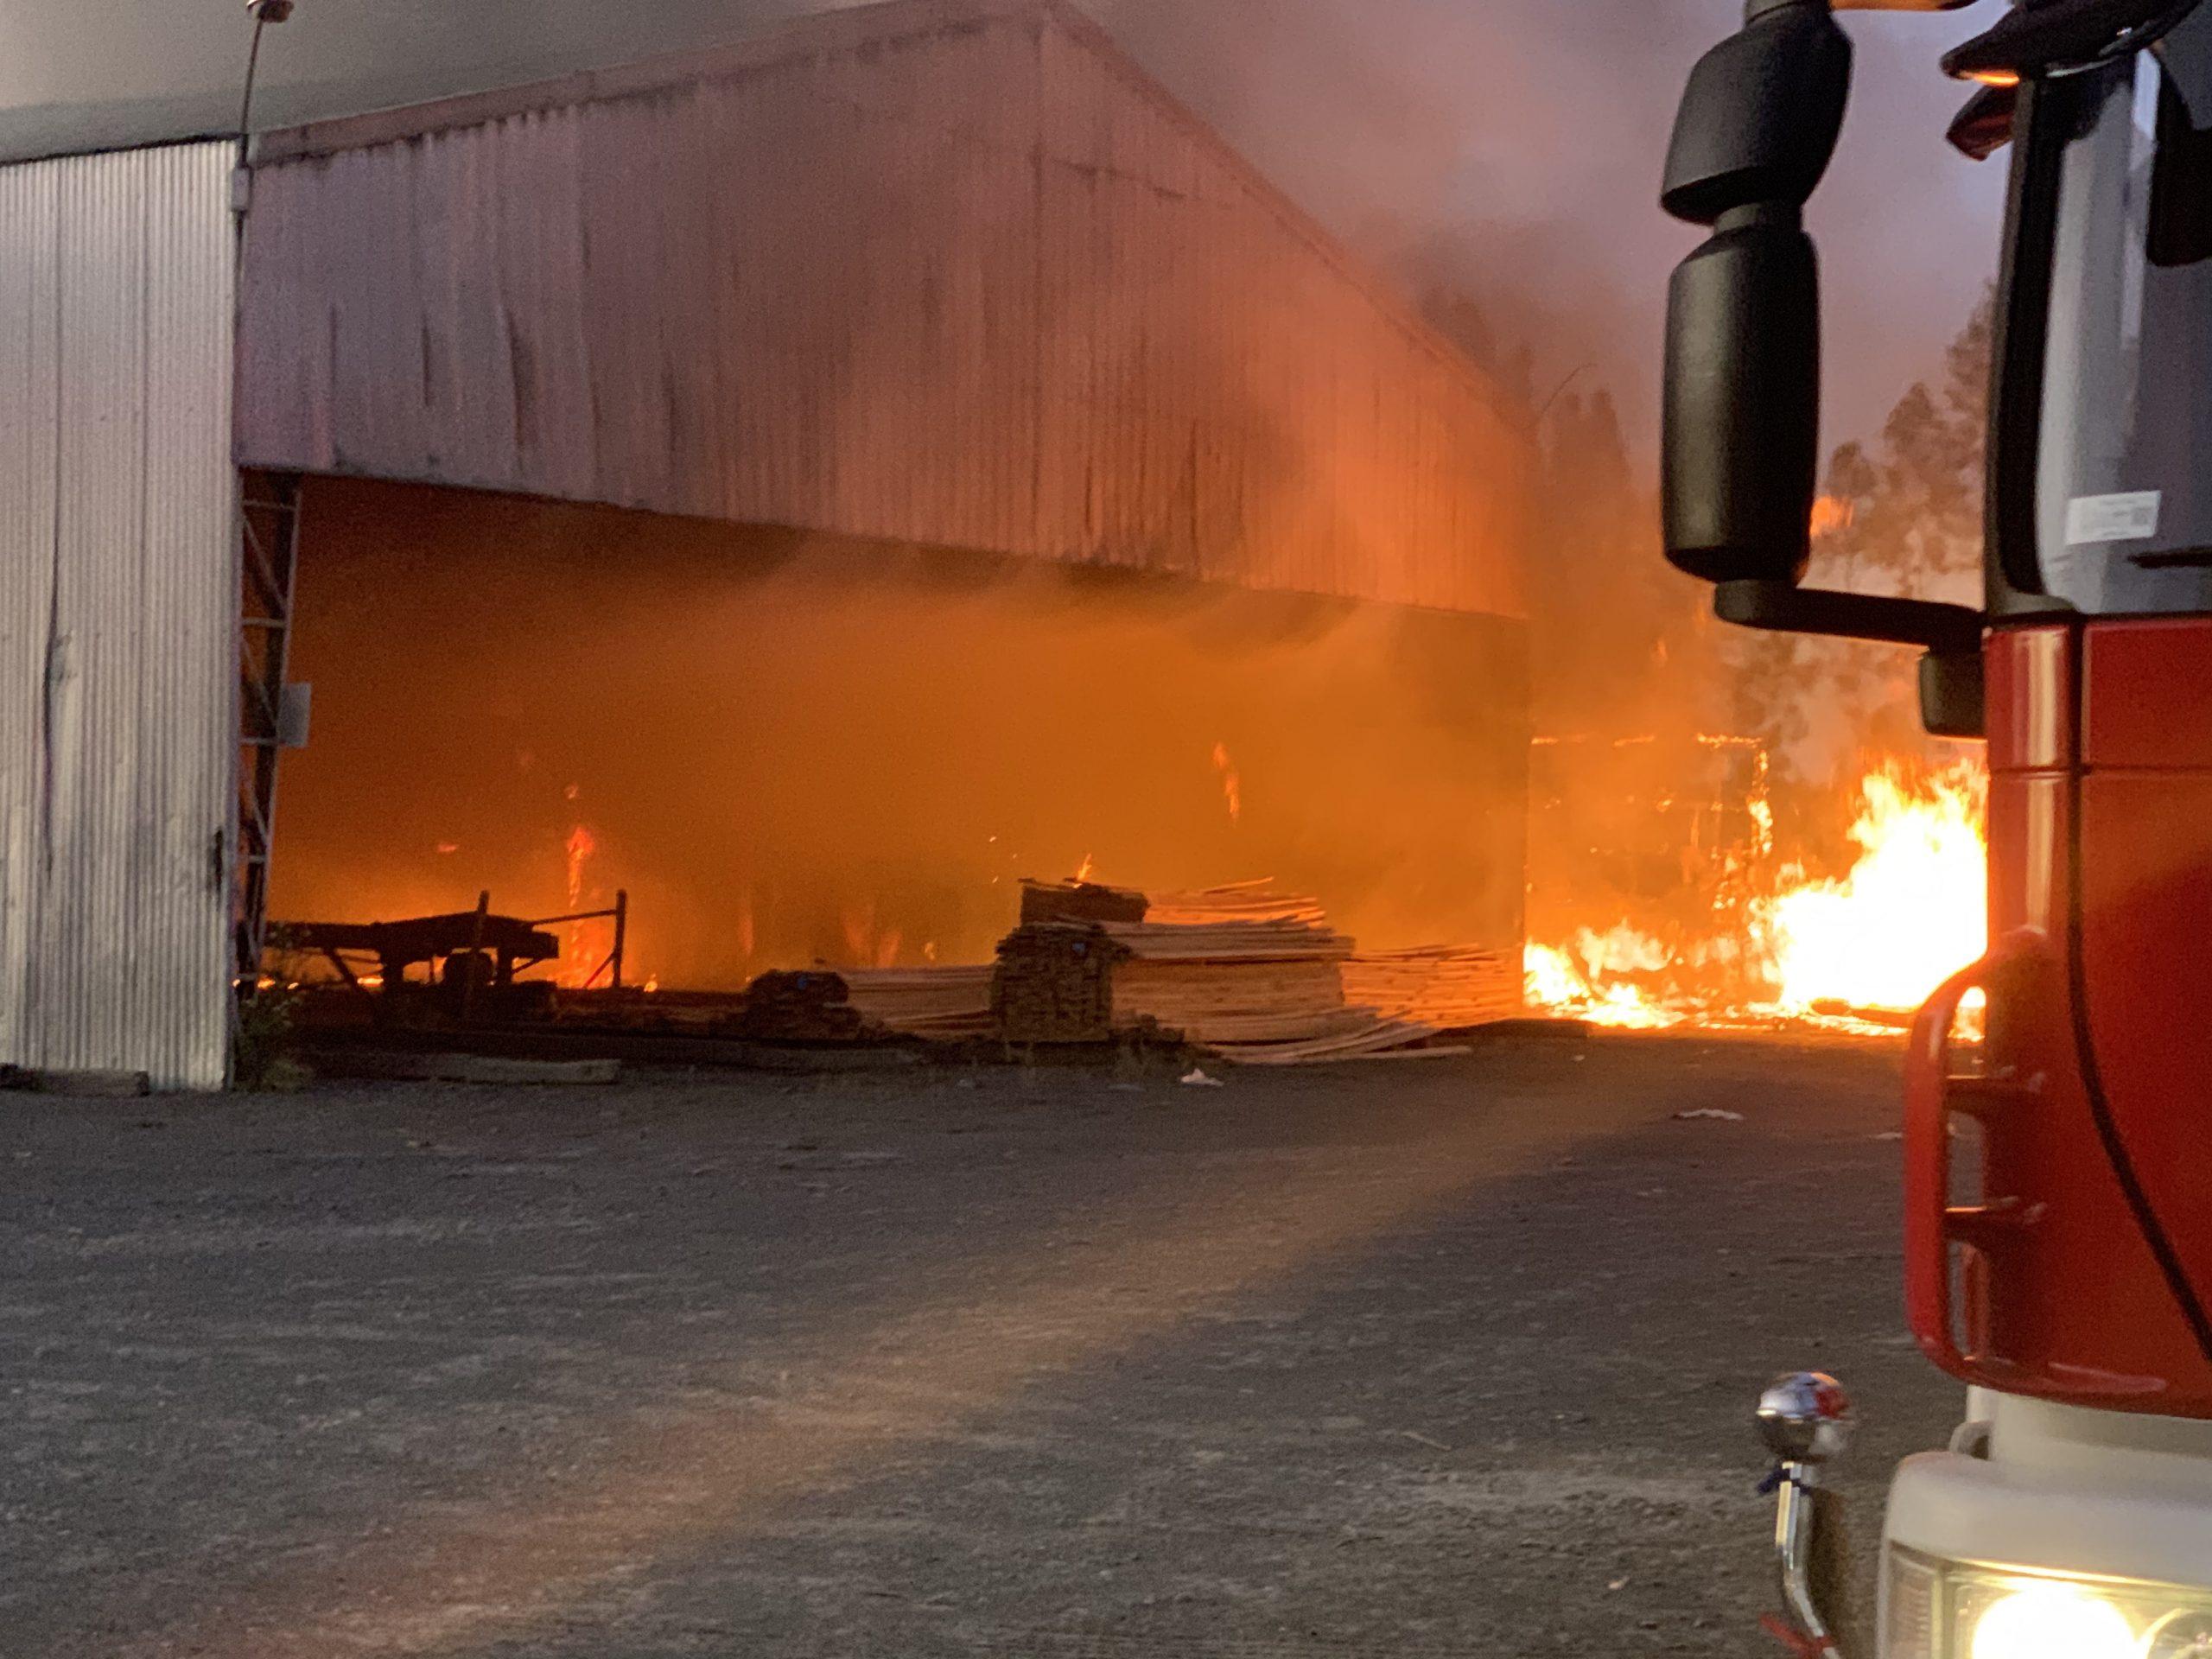 Incendio afecta a Aserradero declarado en quiebra hace 4 meses en Los Ángeles